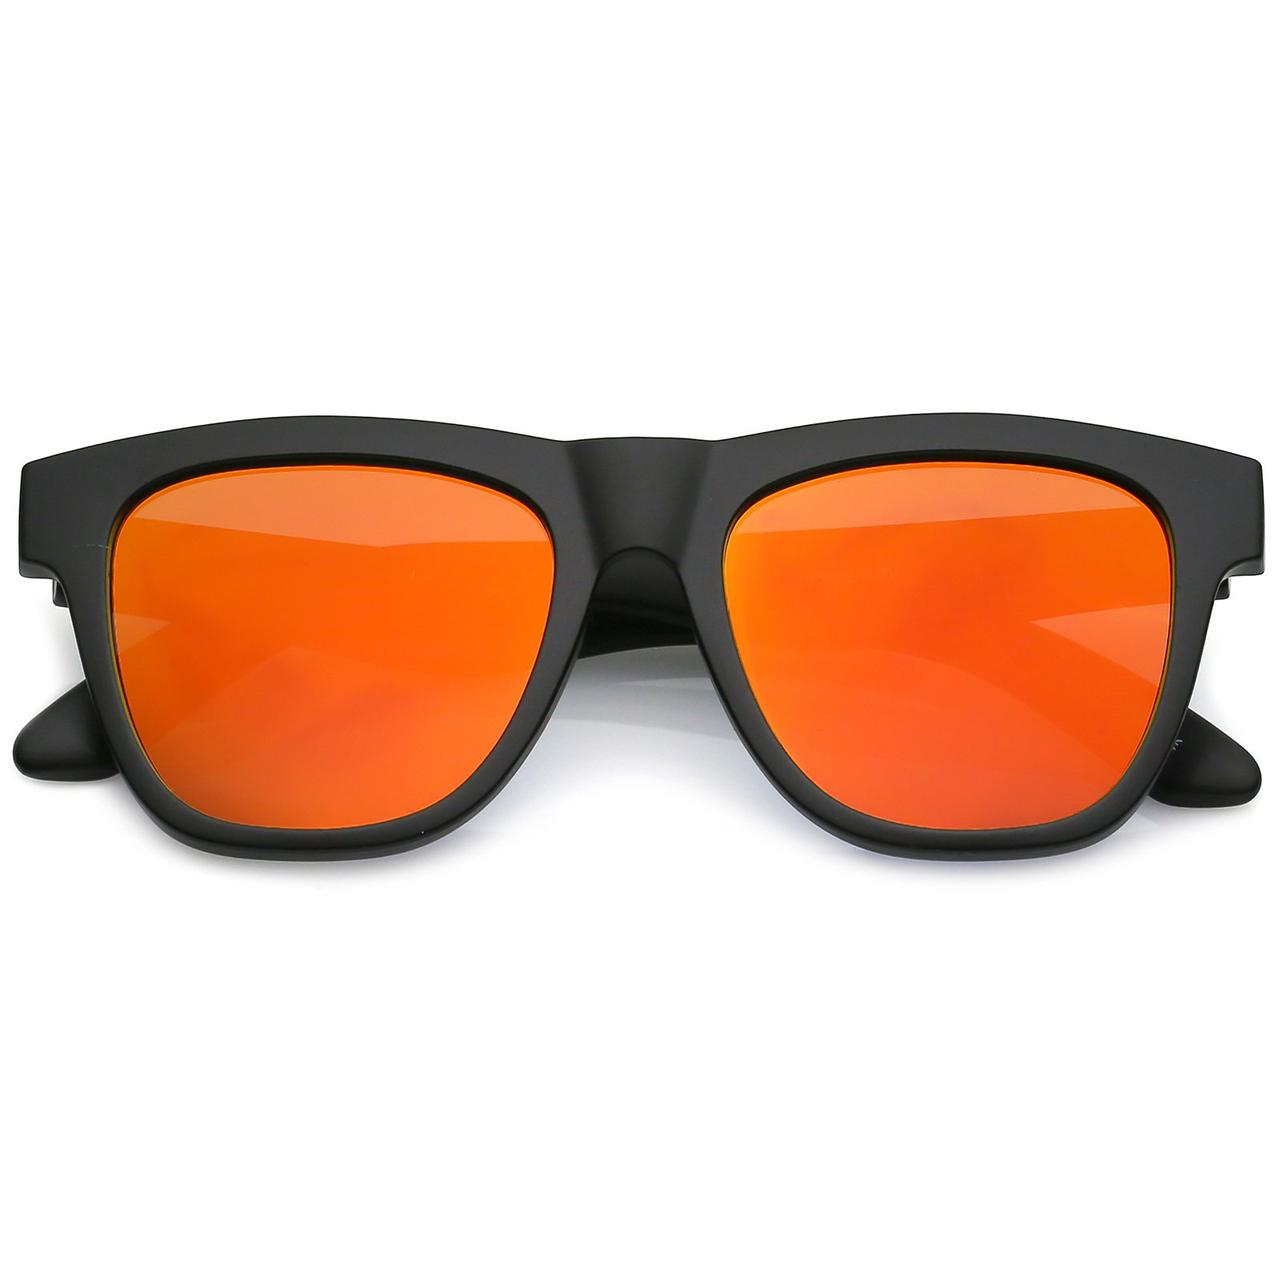 Мужские классические квадратные солнцезащитные очки в чёрной матовой оправе с серебряны зеркальными линзами